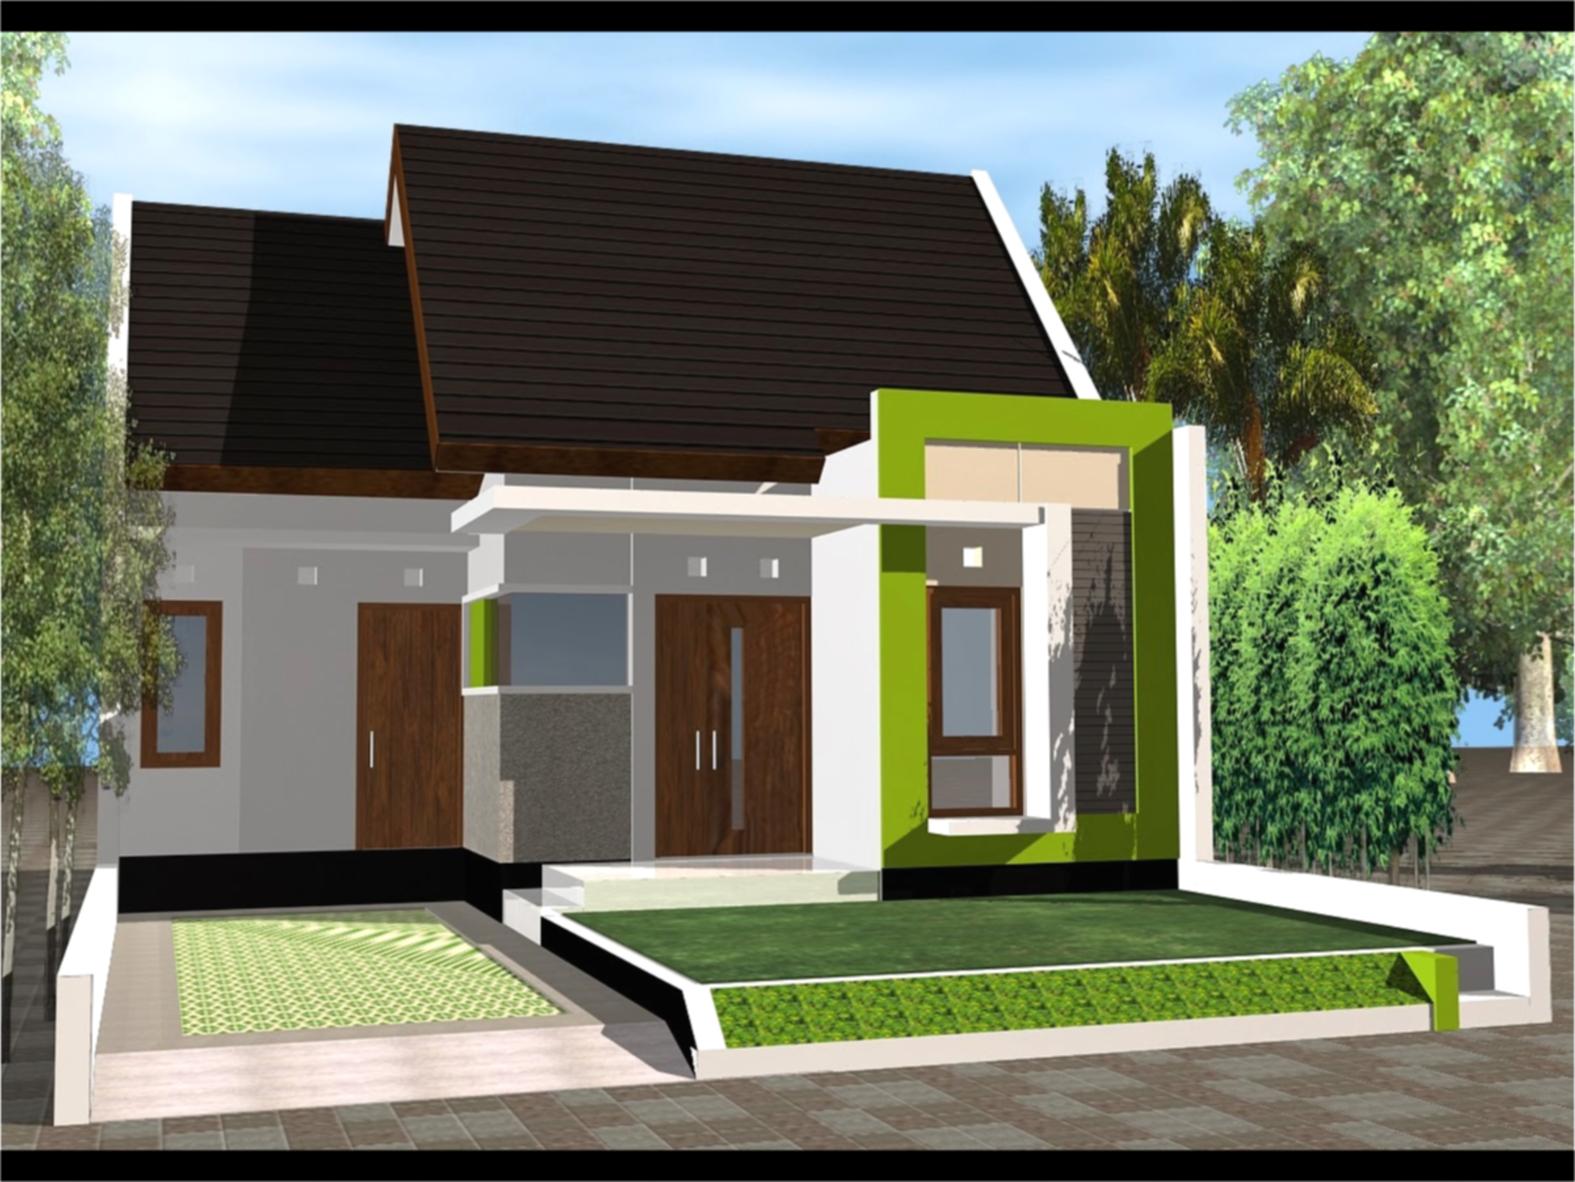 61 Desain Rumah Minimalis Yang Cantik Desain Rumah